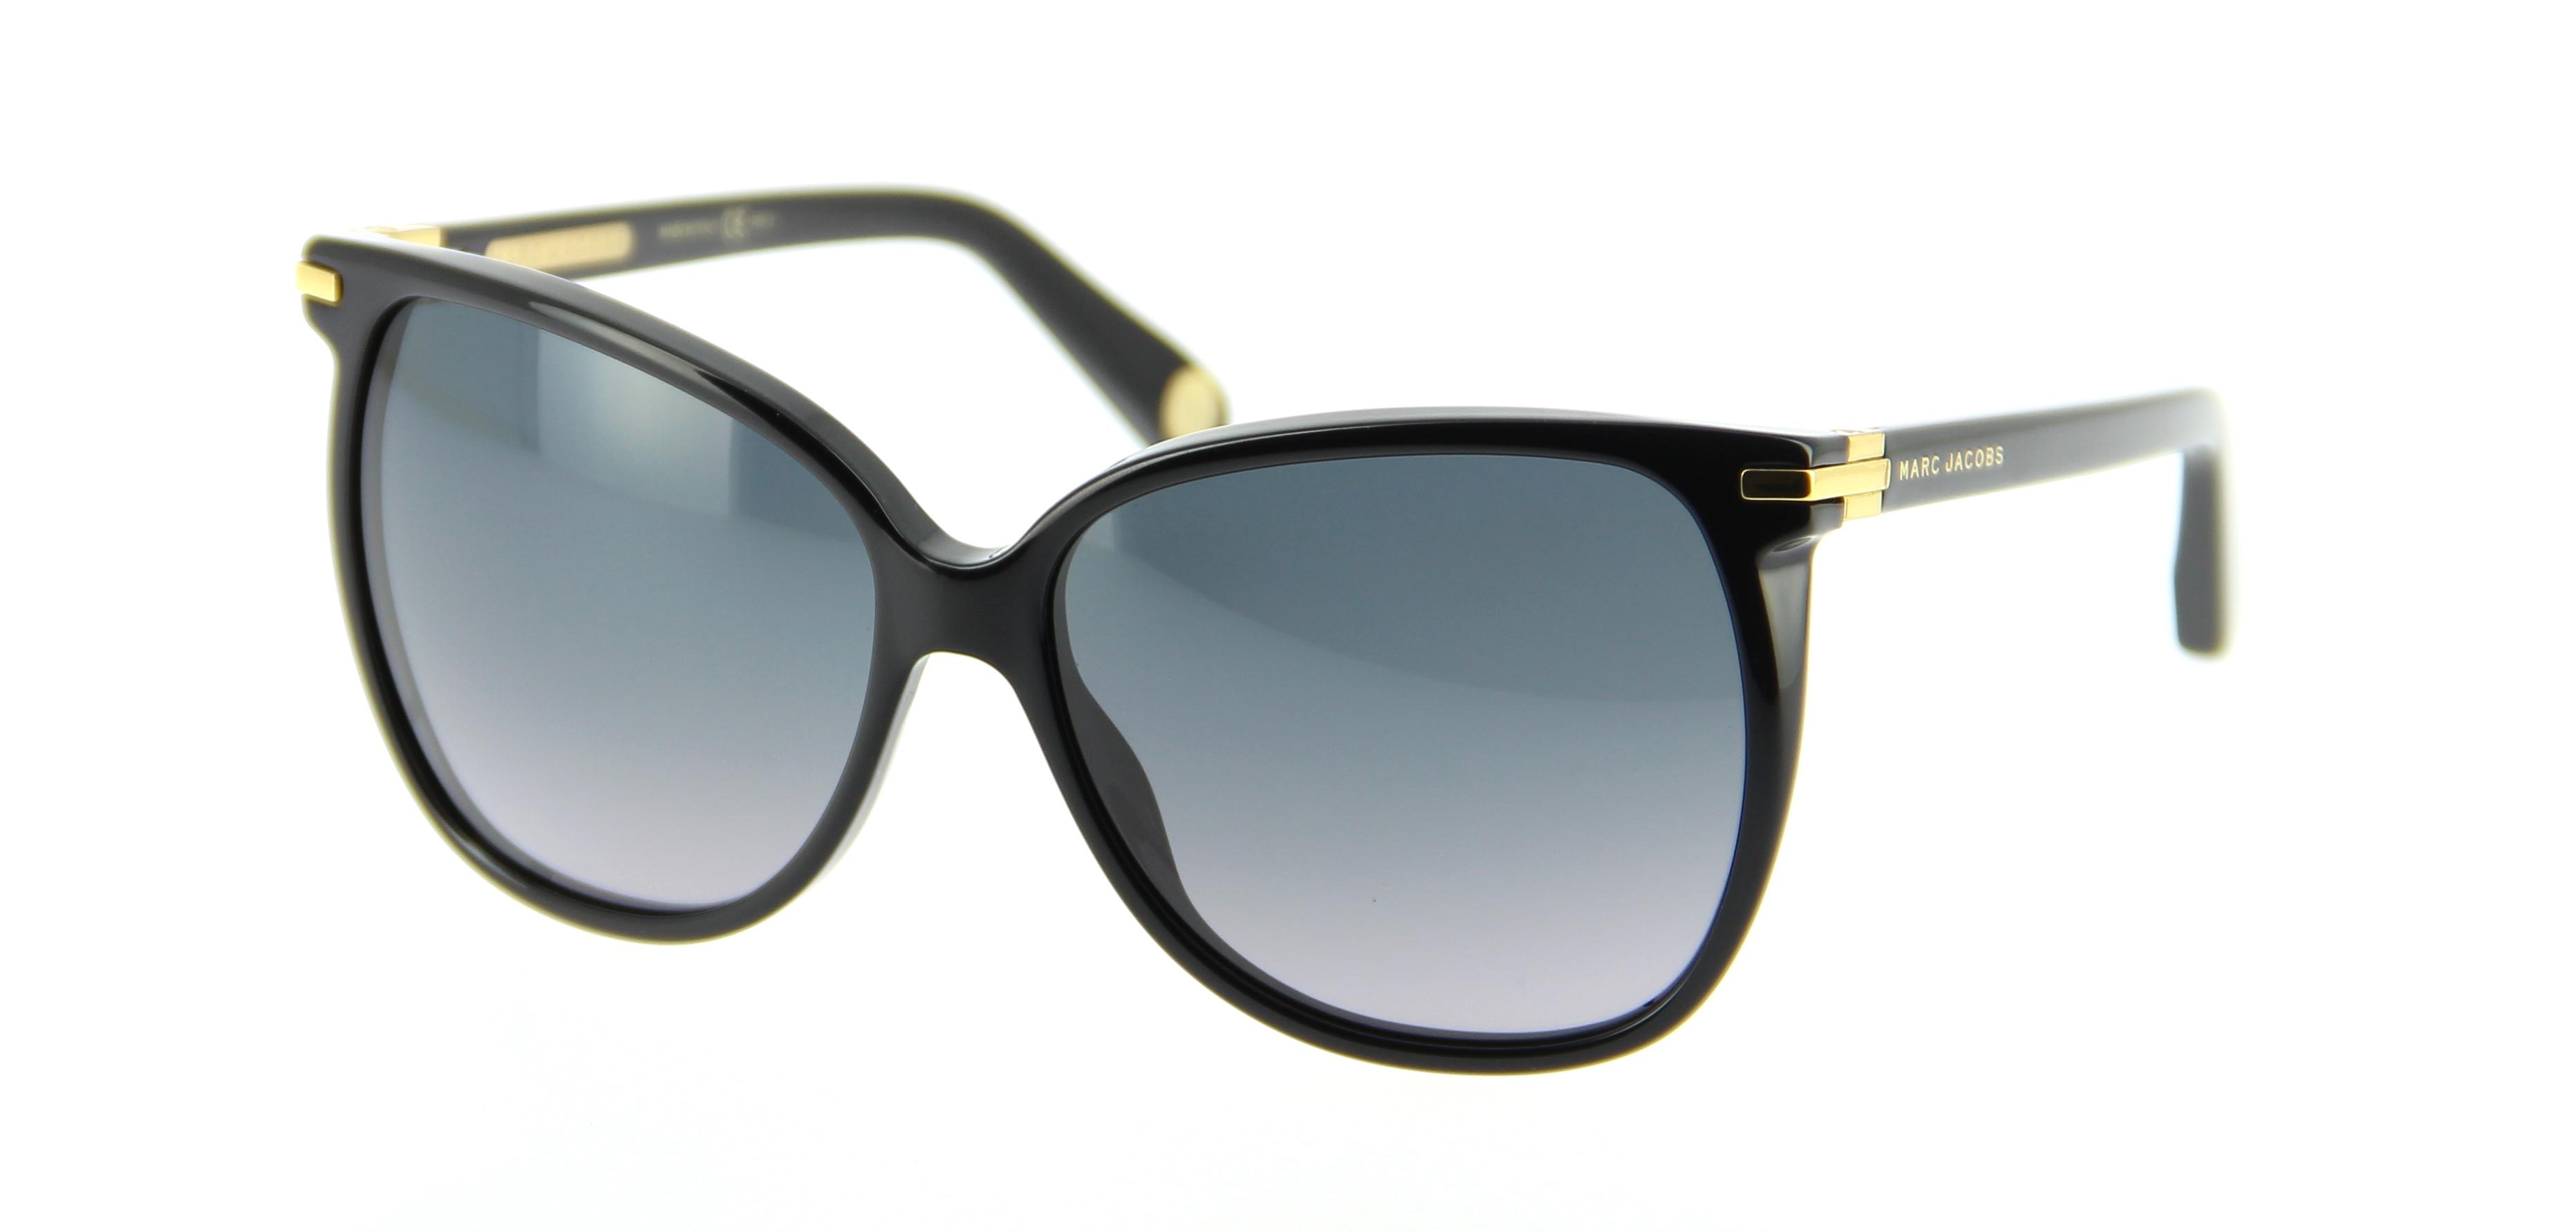 lunettes de soleil marc jacobs mj 504 s 807 59 15 femme noire arrondie cercl e tendance. Black Bedroom Furniture Sets. Home Design Ideas